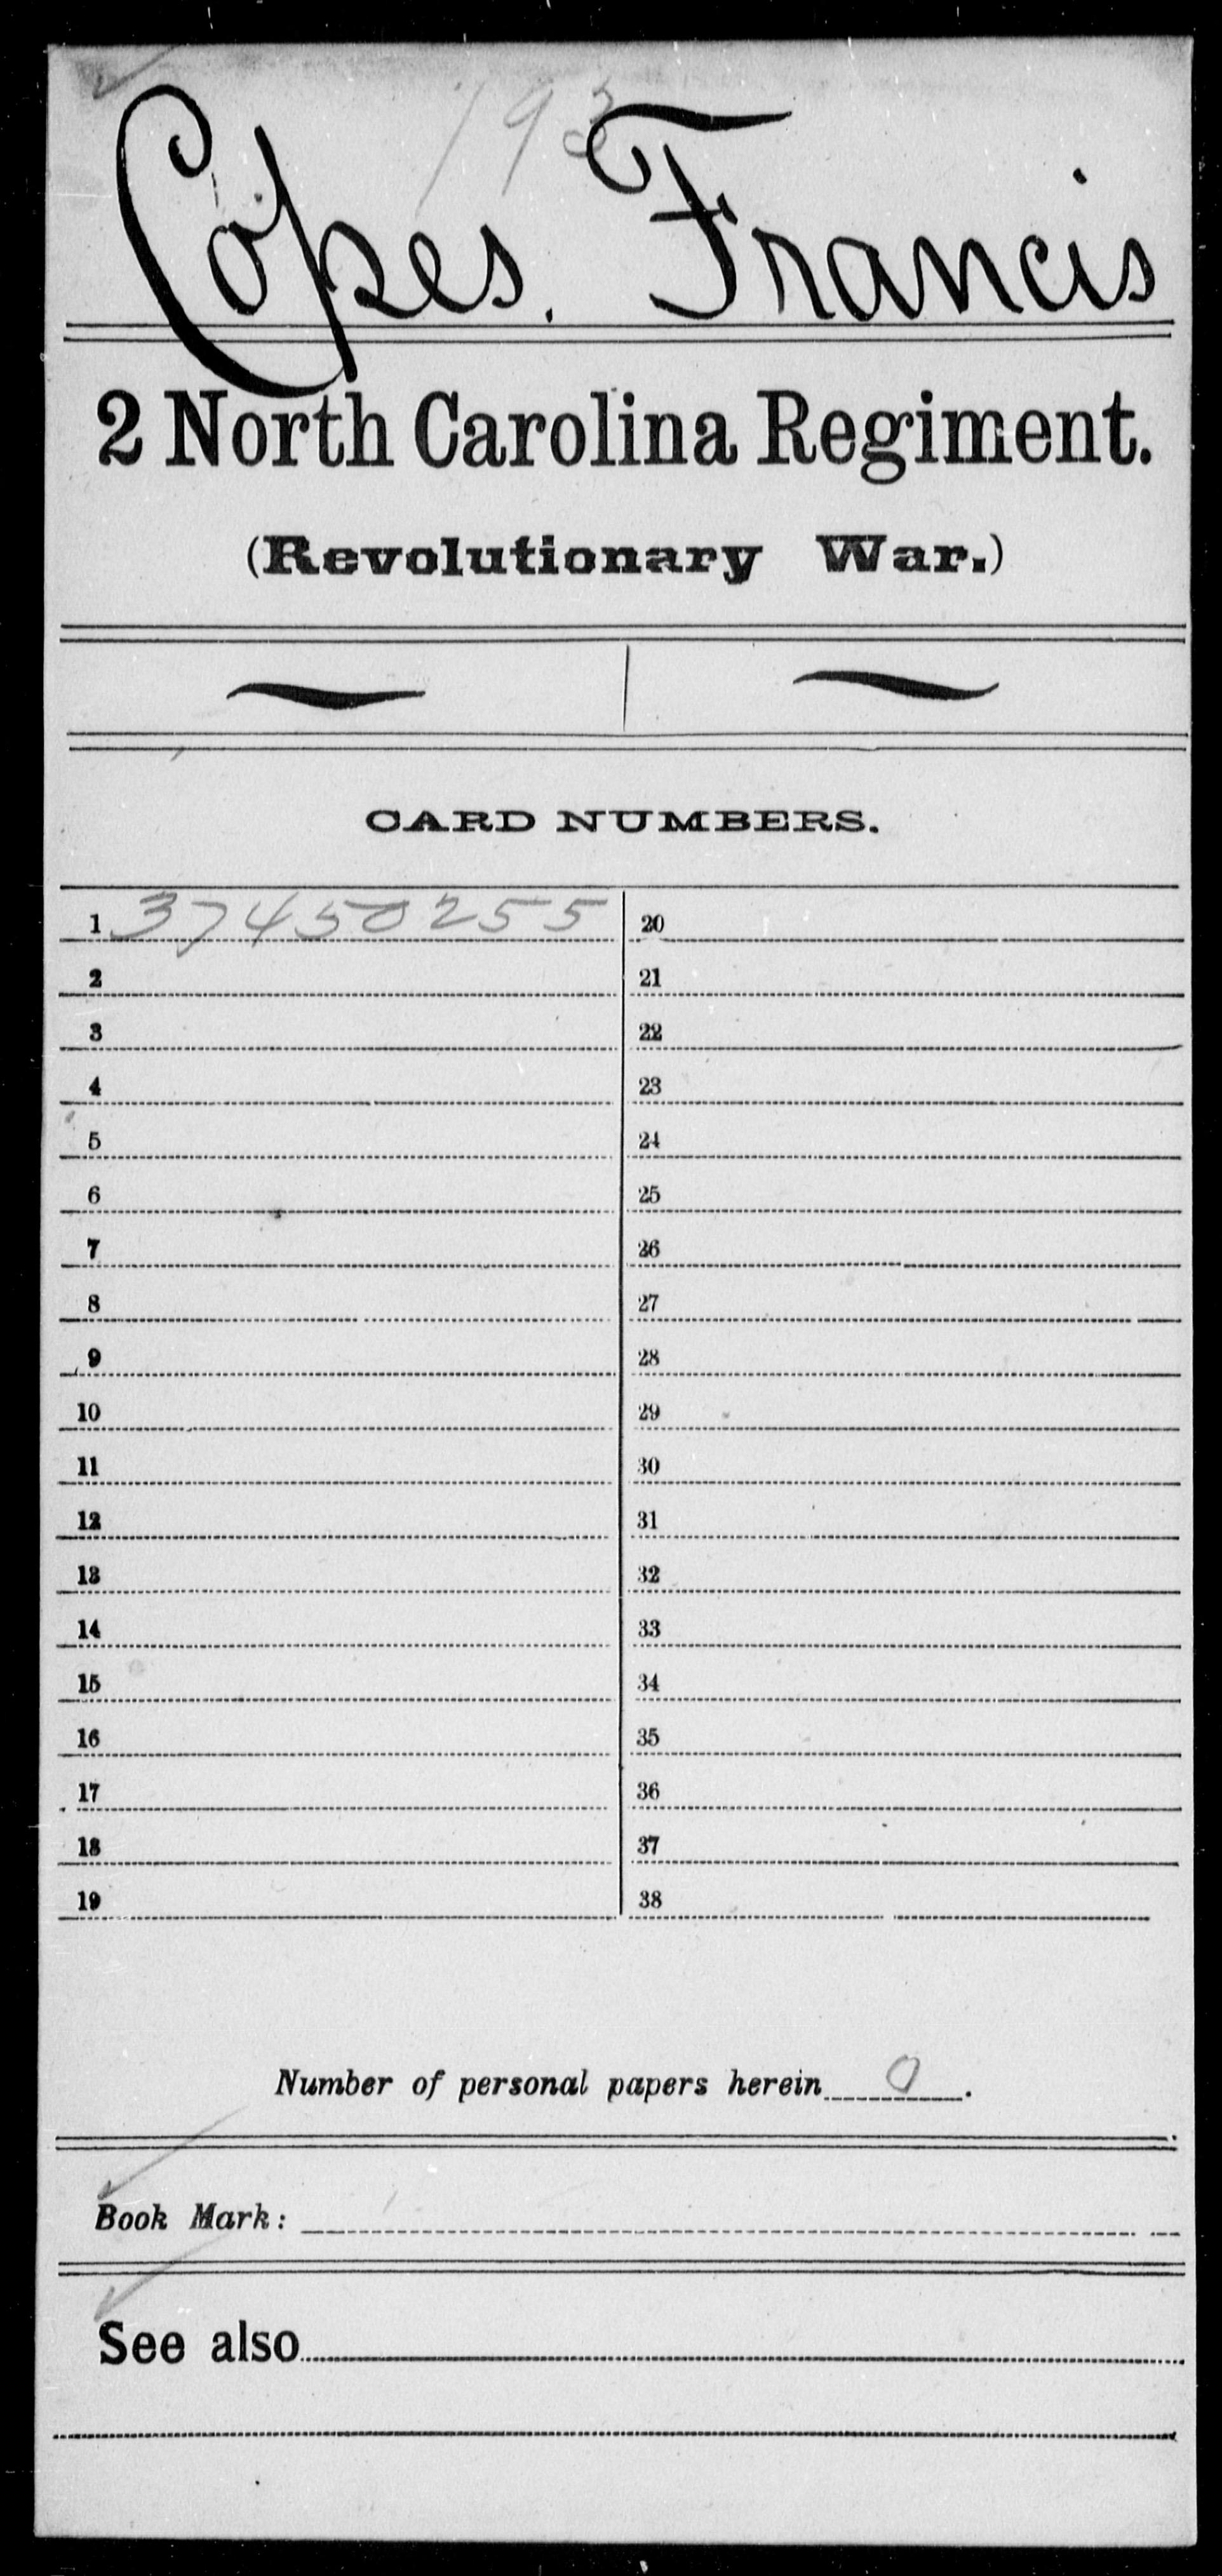 Copes, Francis - North Carolina - Second Regiment